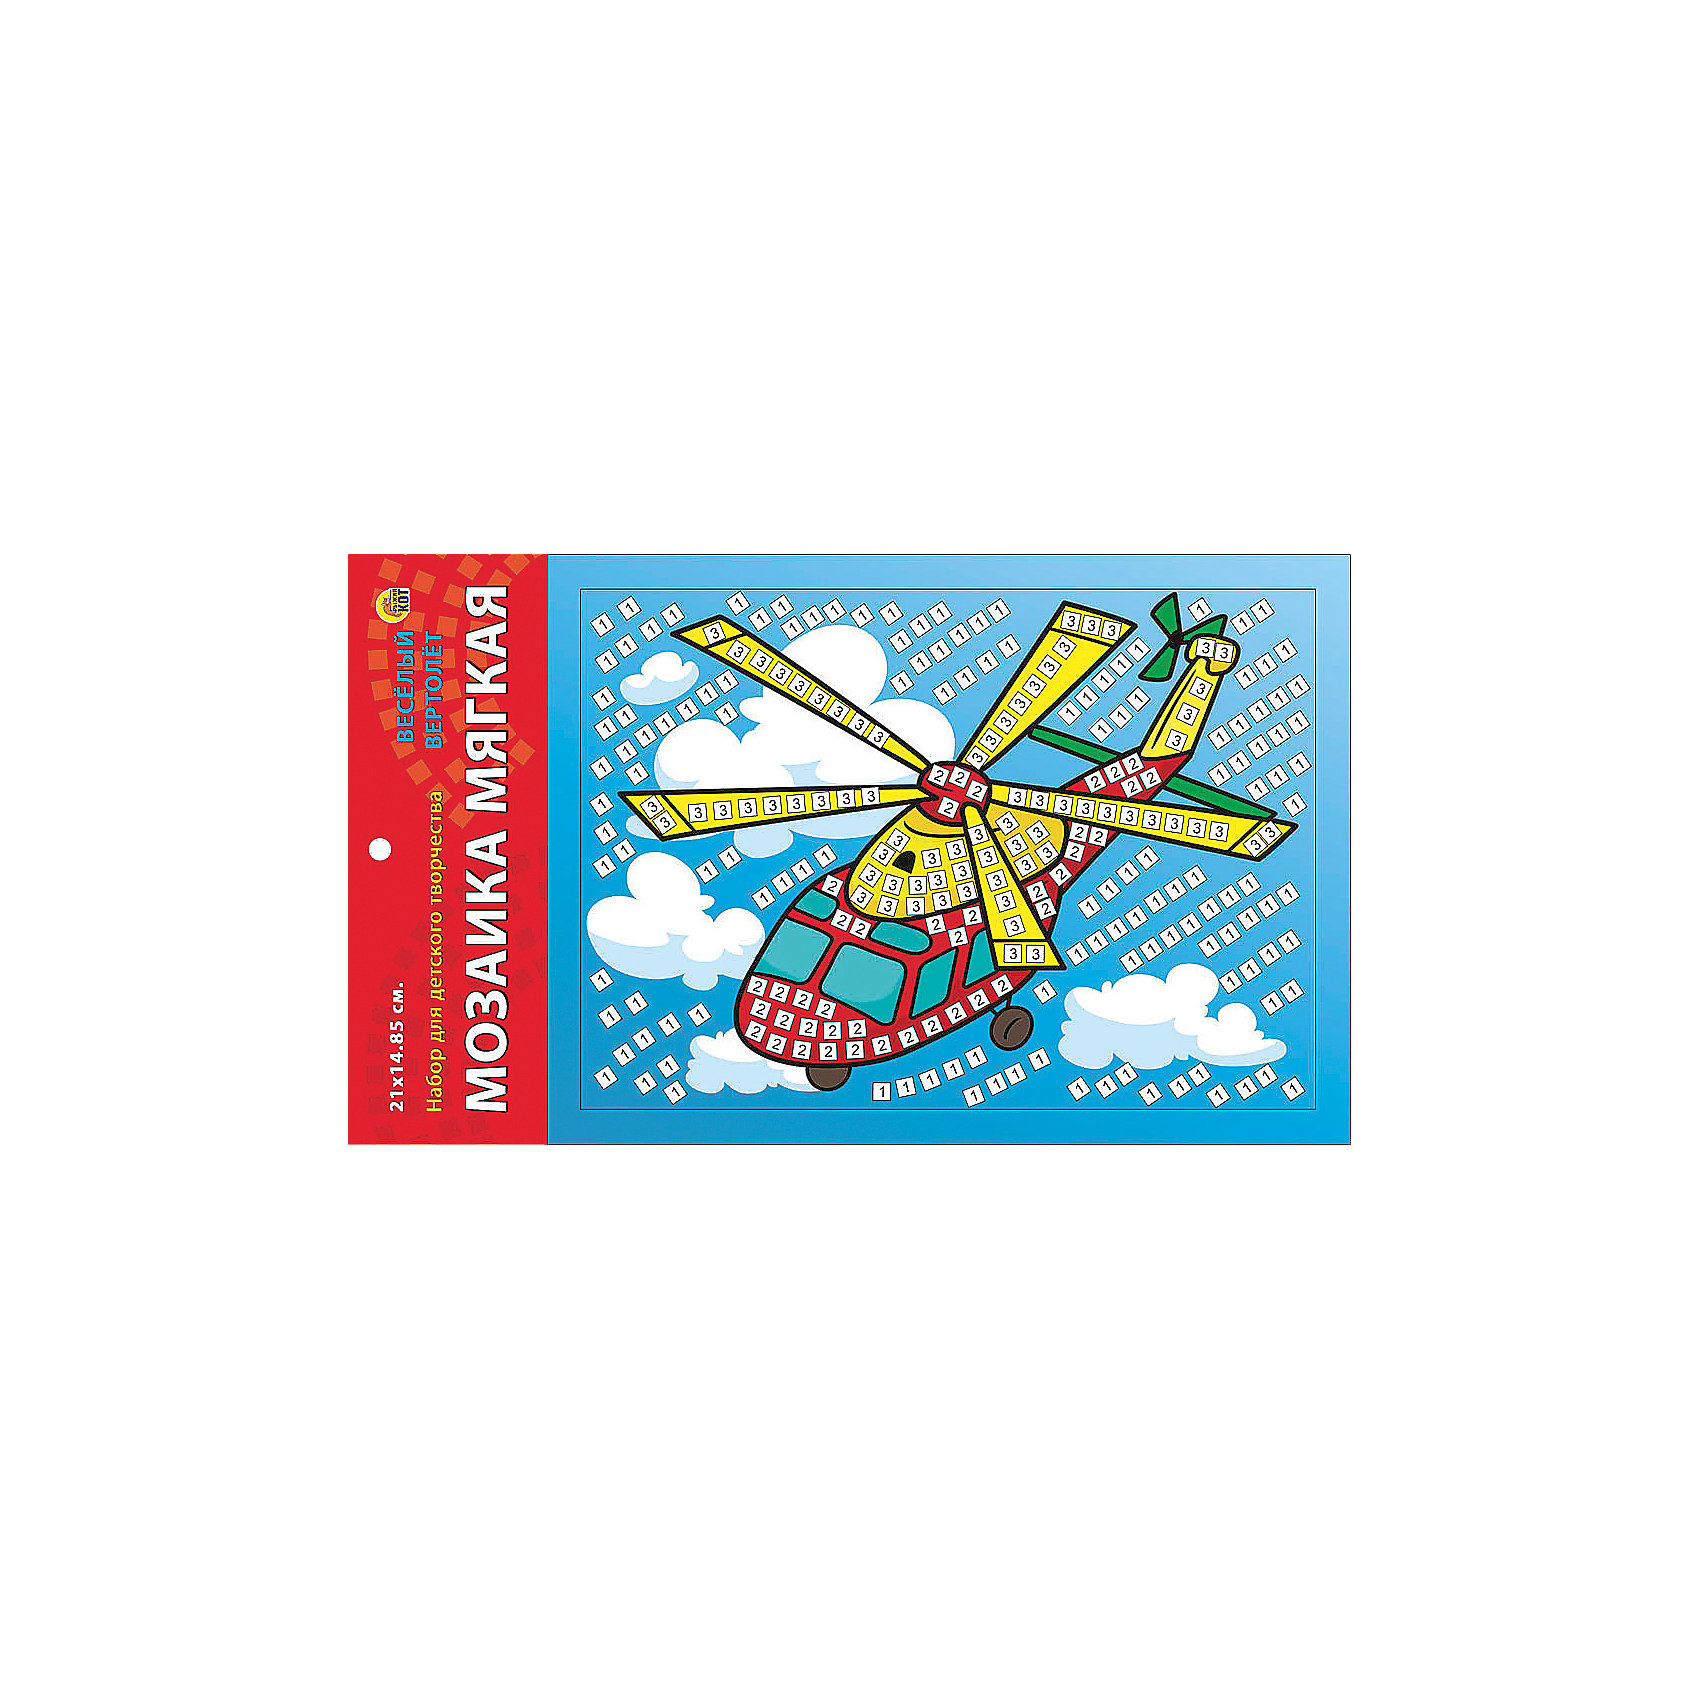 Издательство Рыжий кот Мягкая мозаика Весёлый вертолёт формат А5 (21х15 см) издательство рыжий кот мягкая мозаика веселый самолет формат а5 21х15 см